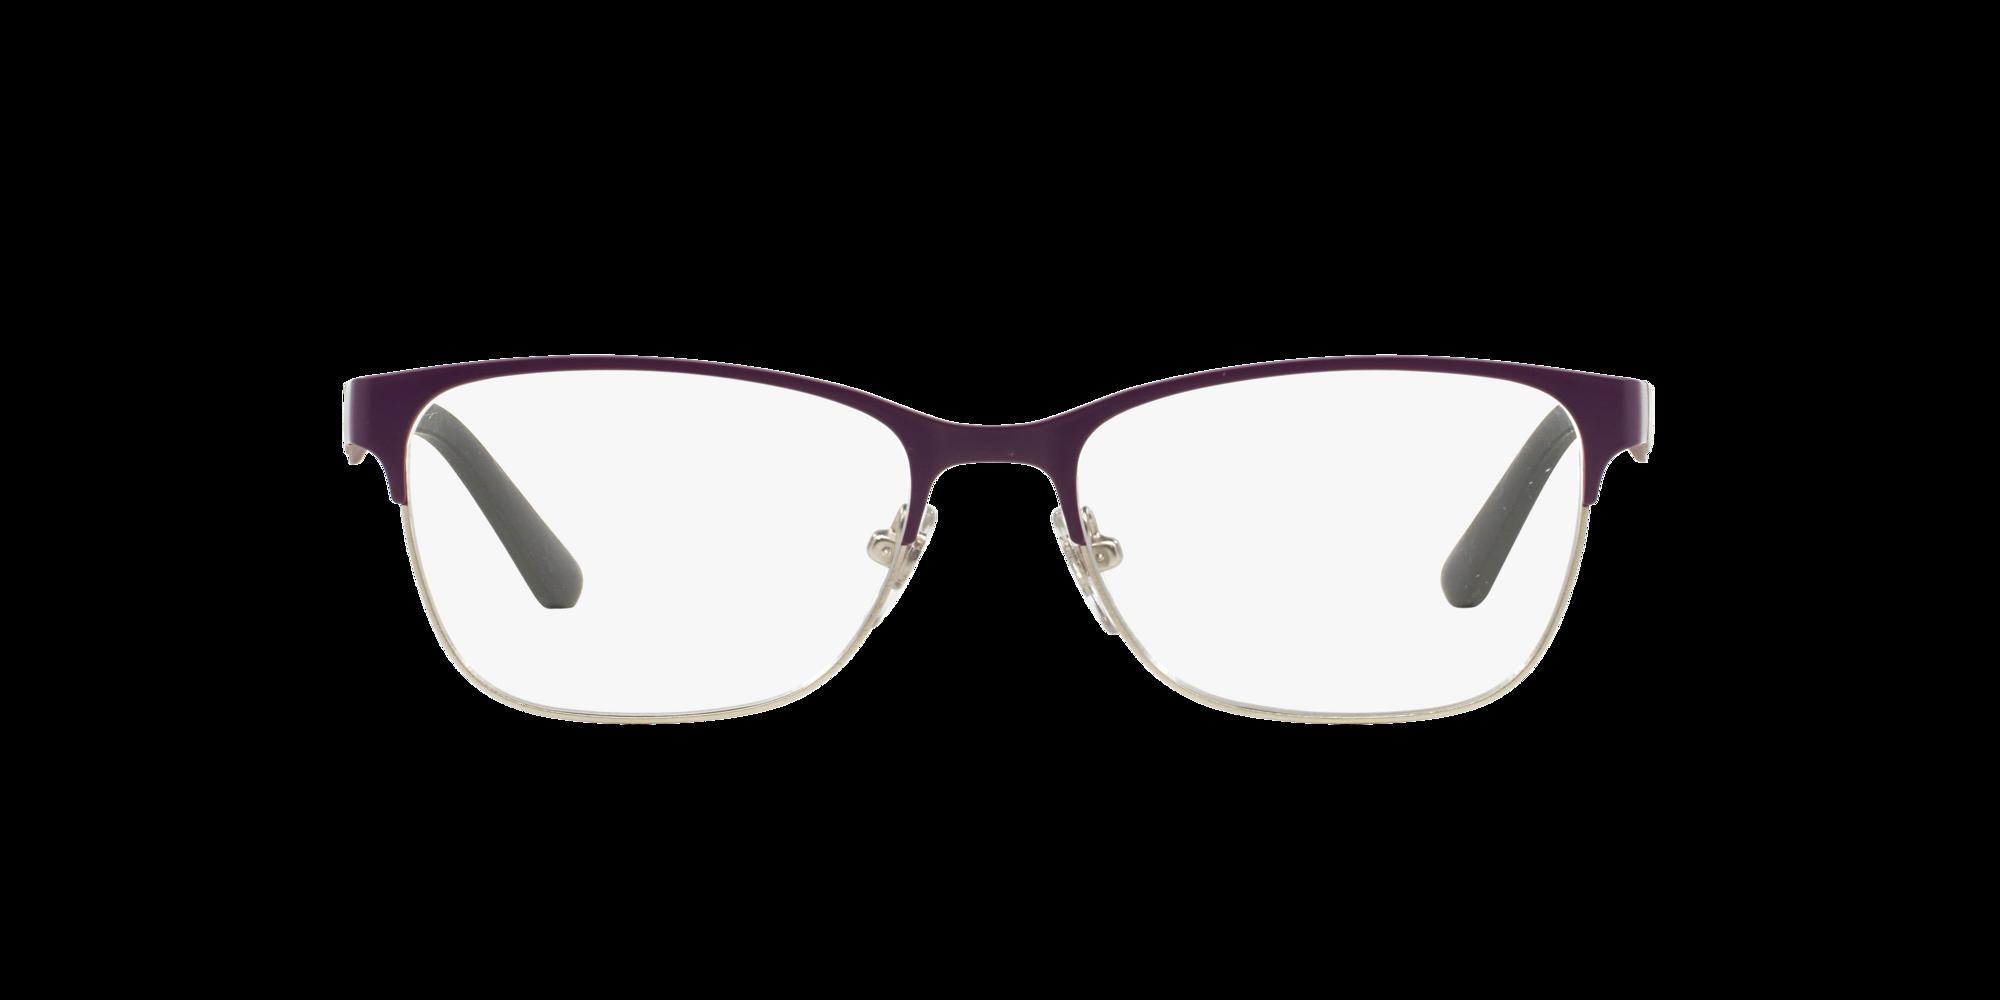 Imagen para VO3940 de LensCrafters    Espejuelos, espejuelos graduados en línea, gafas